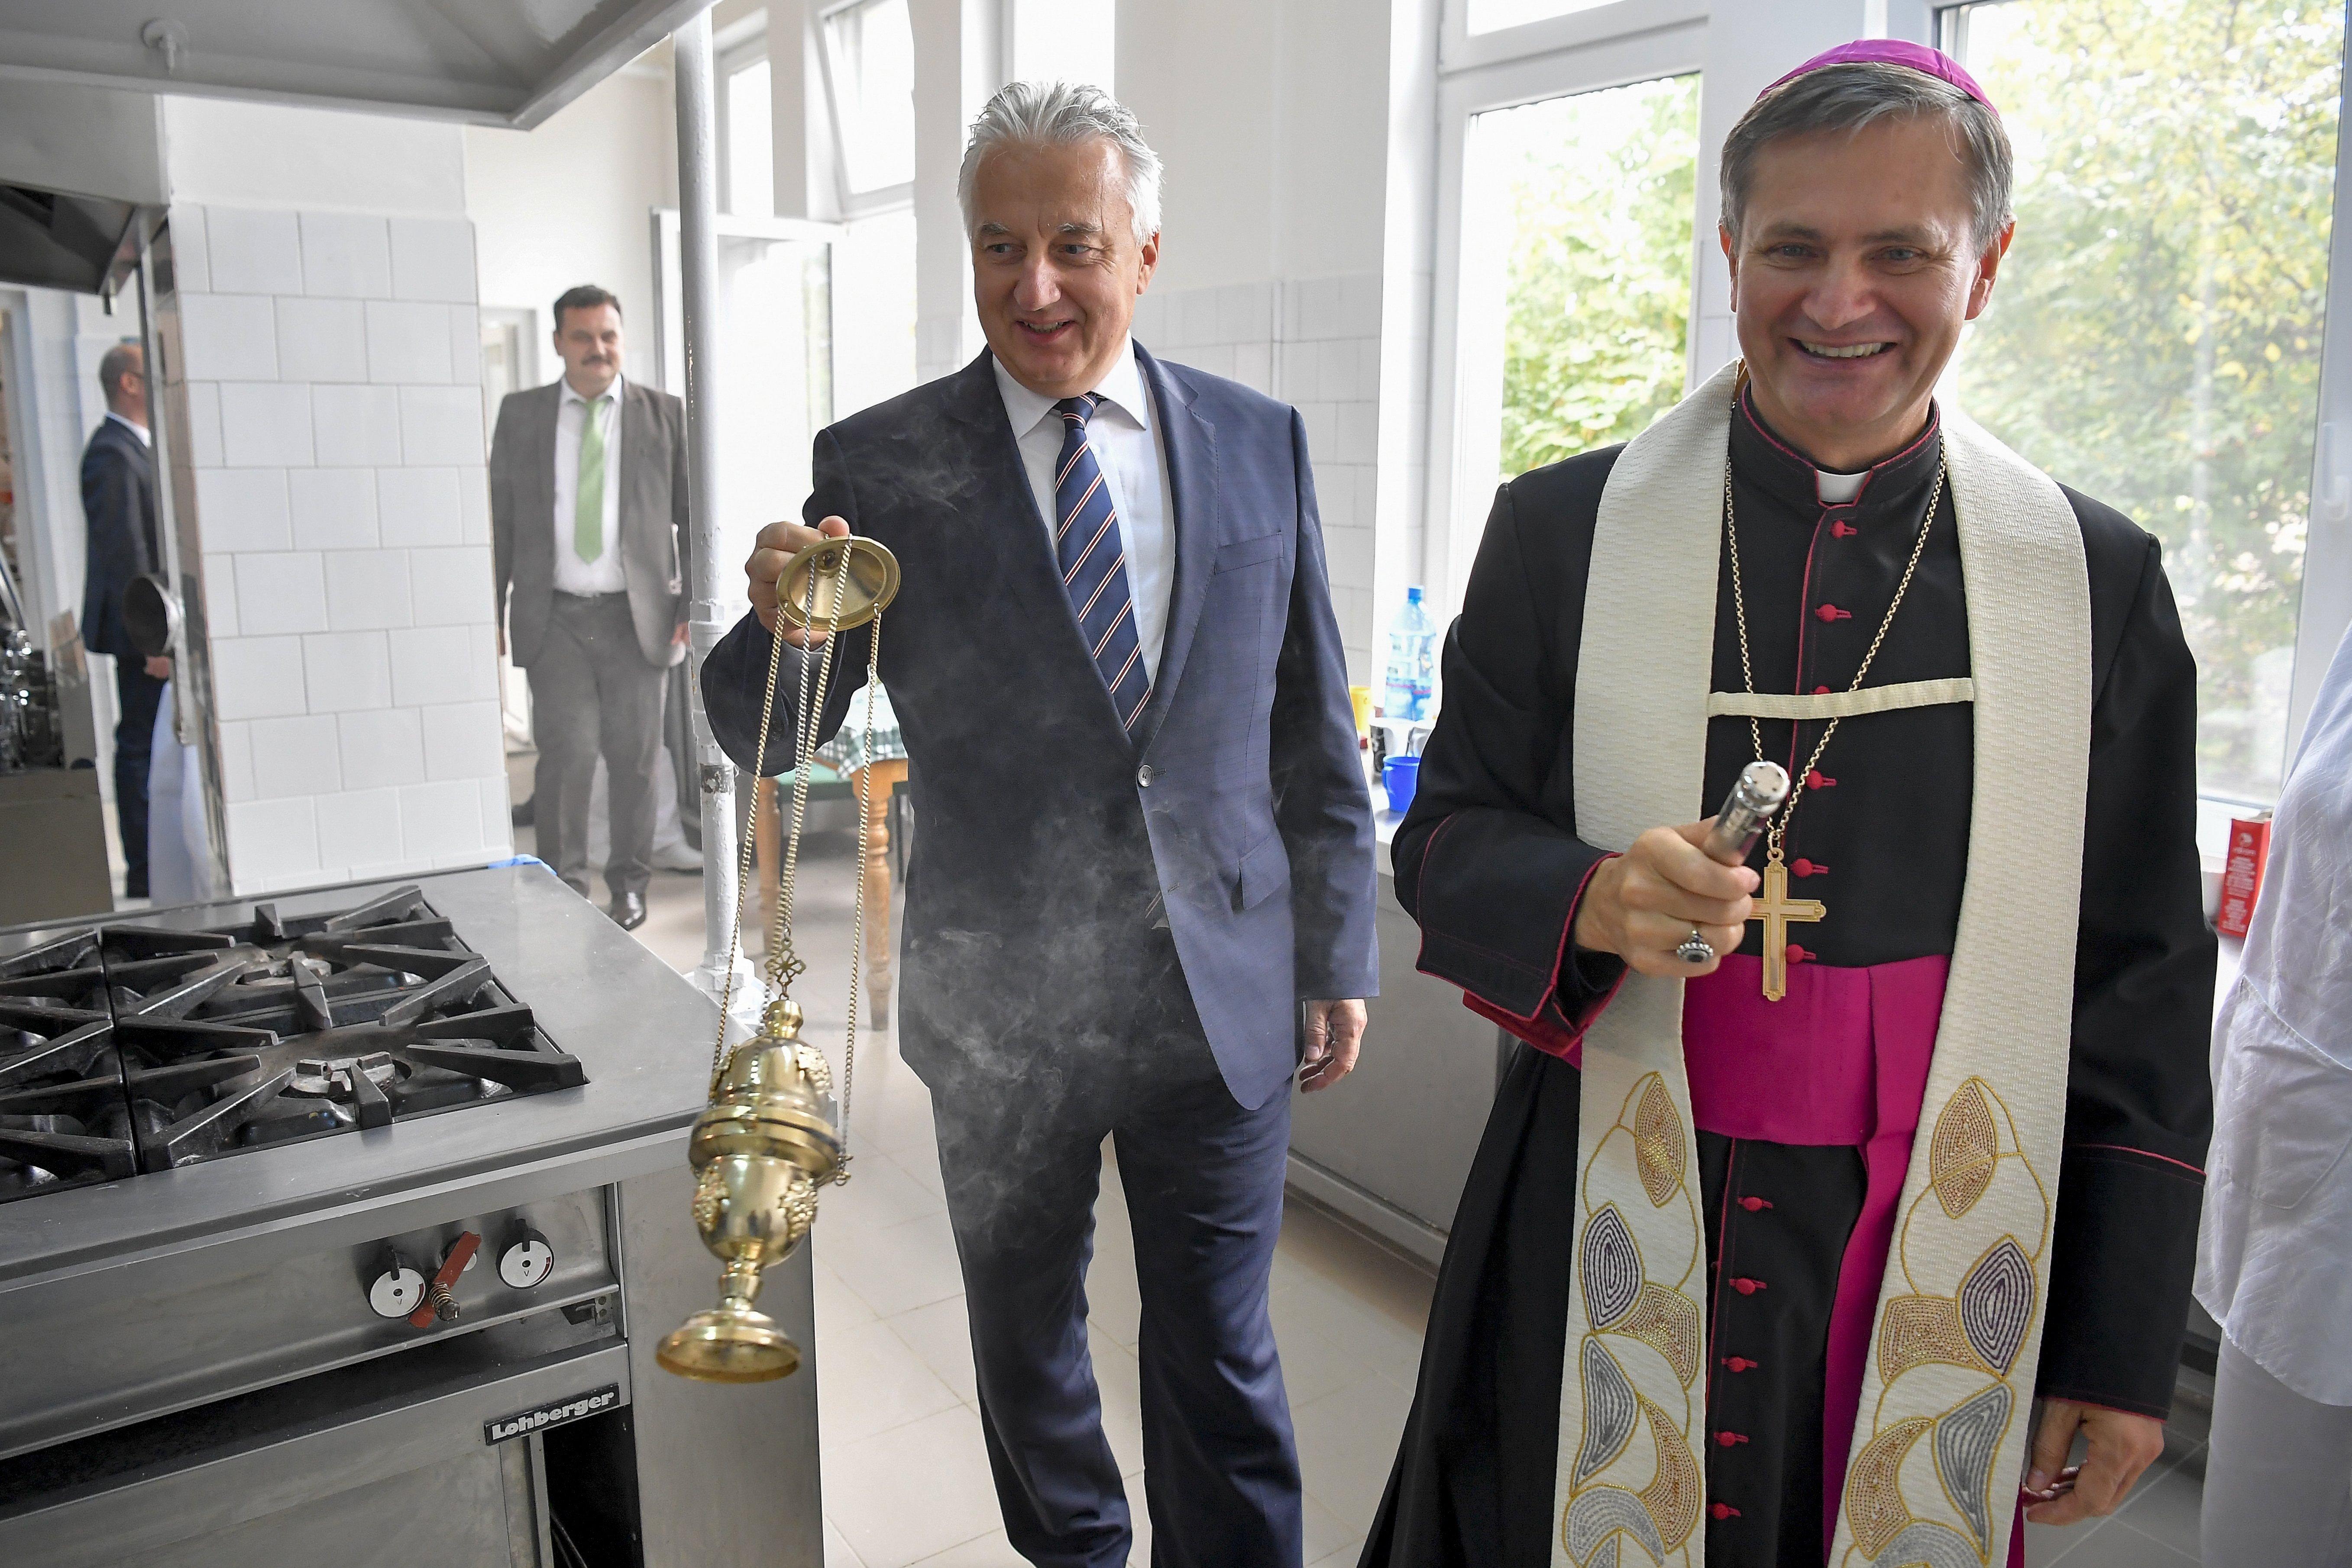 Adatvizualizáció: ennyit áldoz a magyar kormány valójában az üldözött keresztények megsegítésére